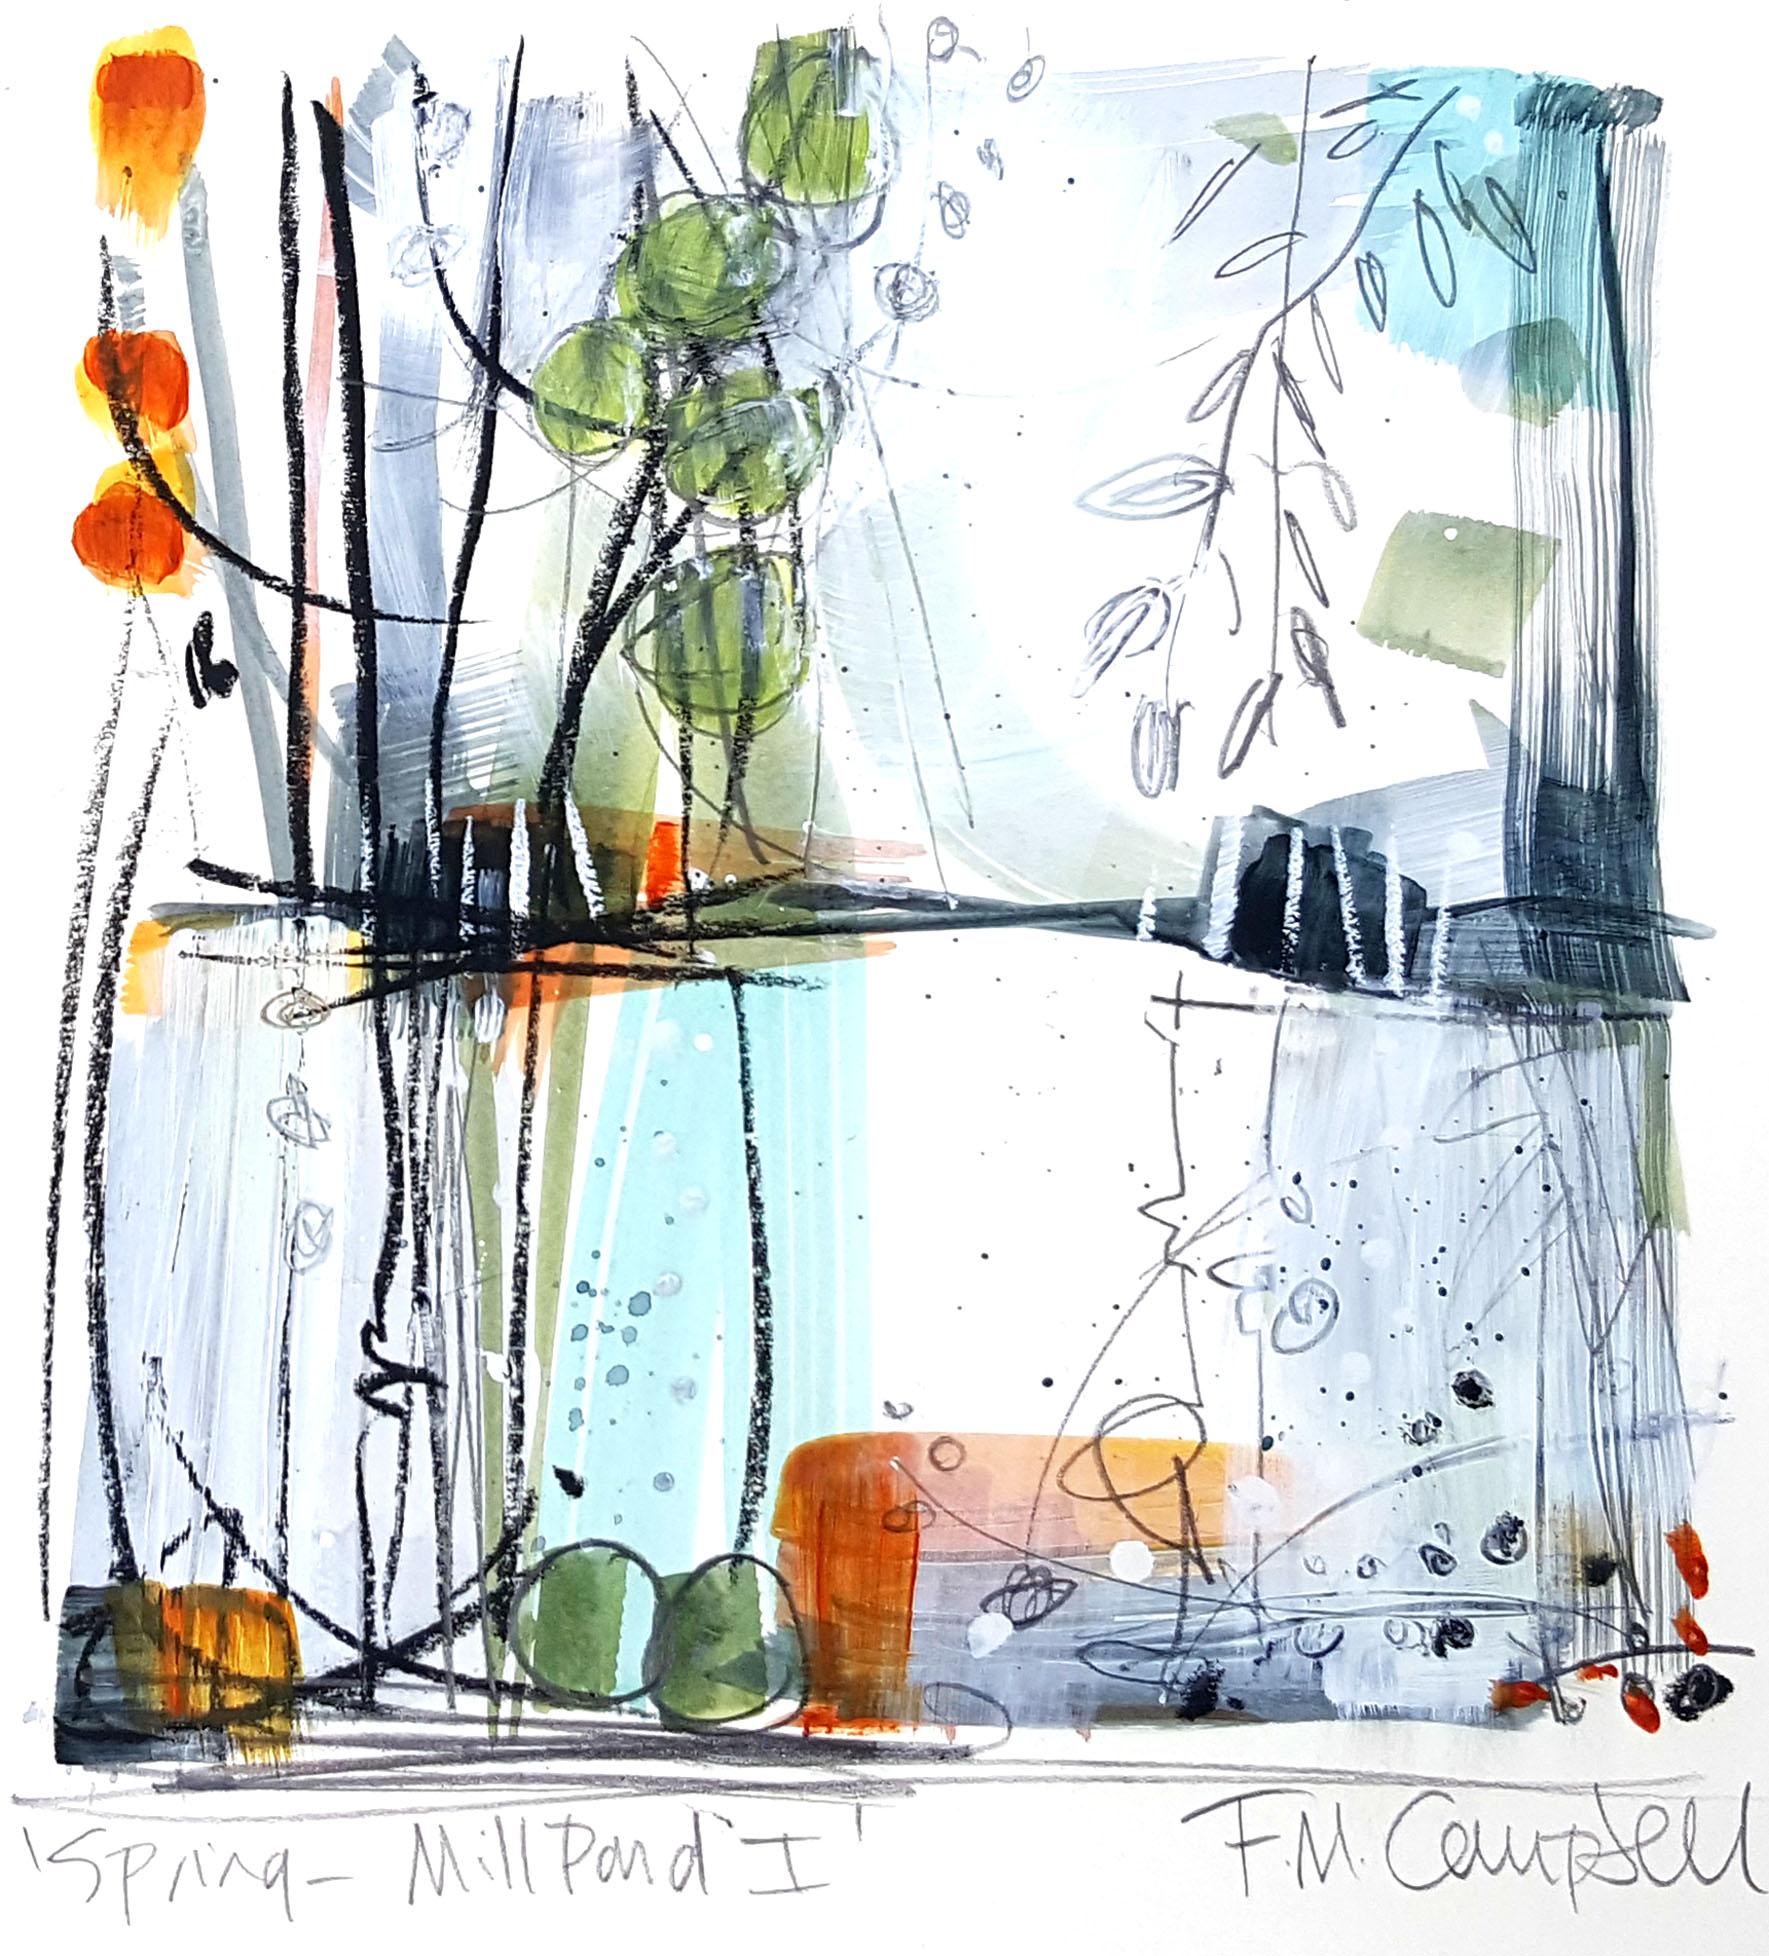 'Spring - Mill Pond I'